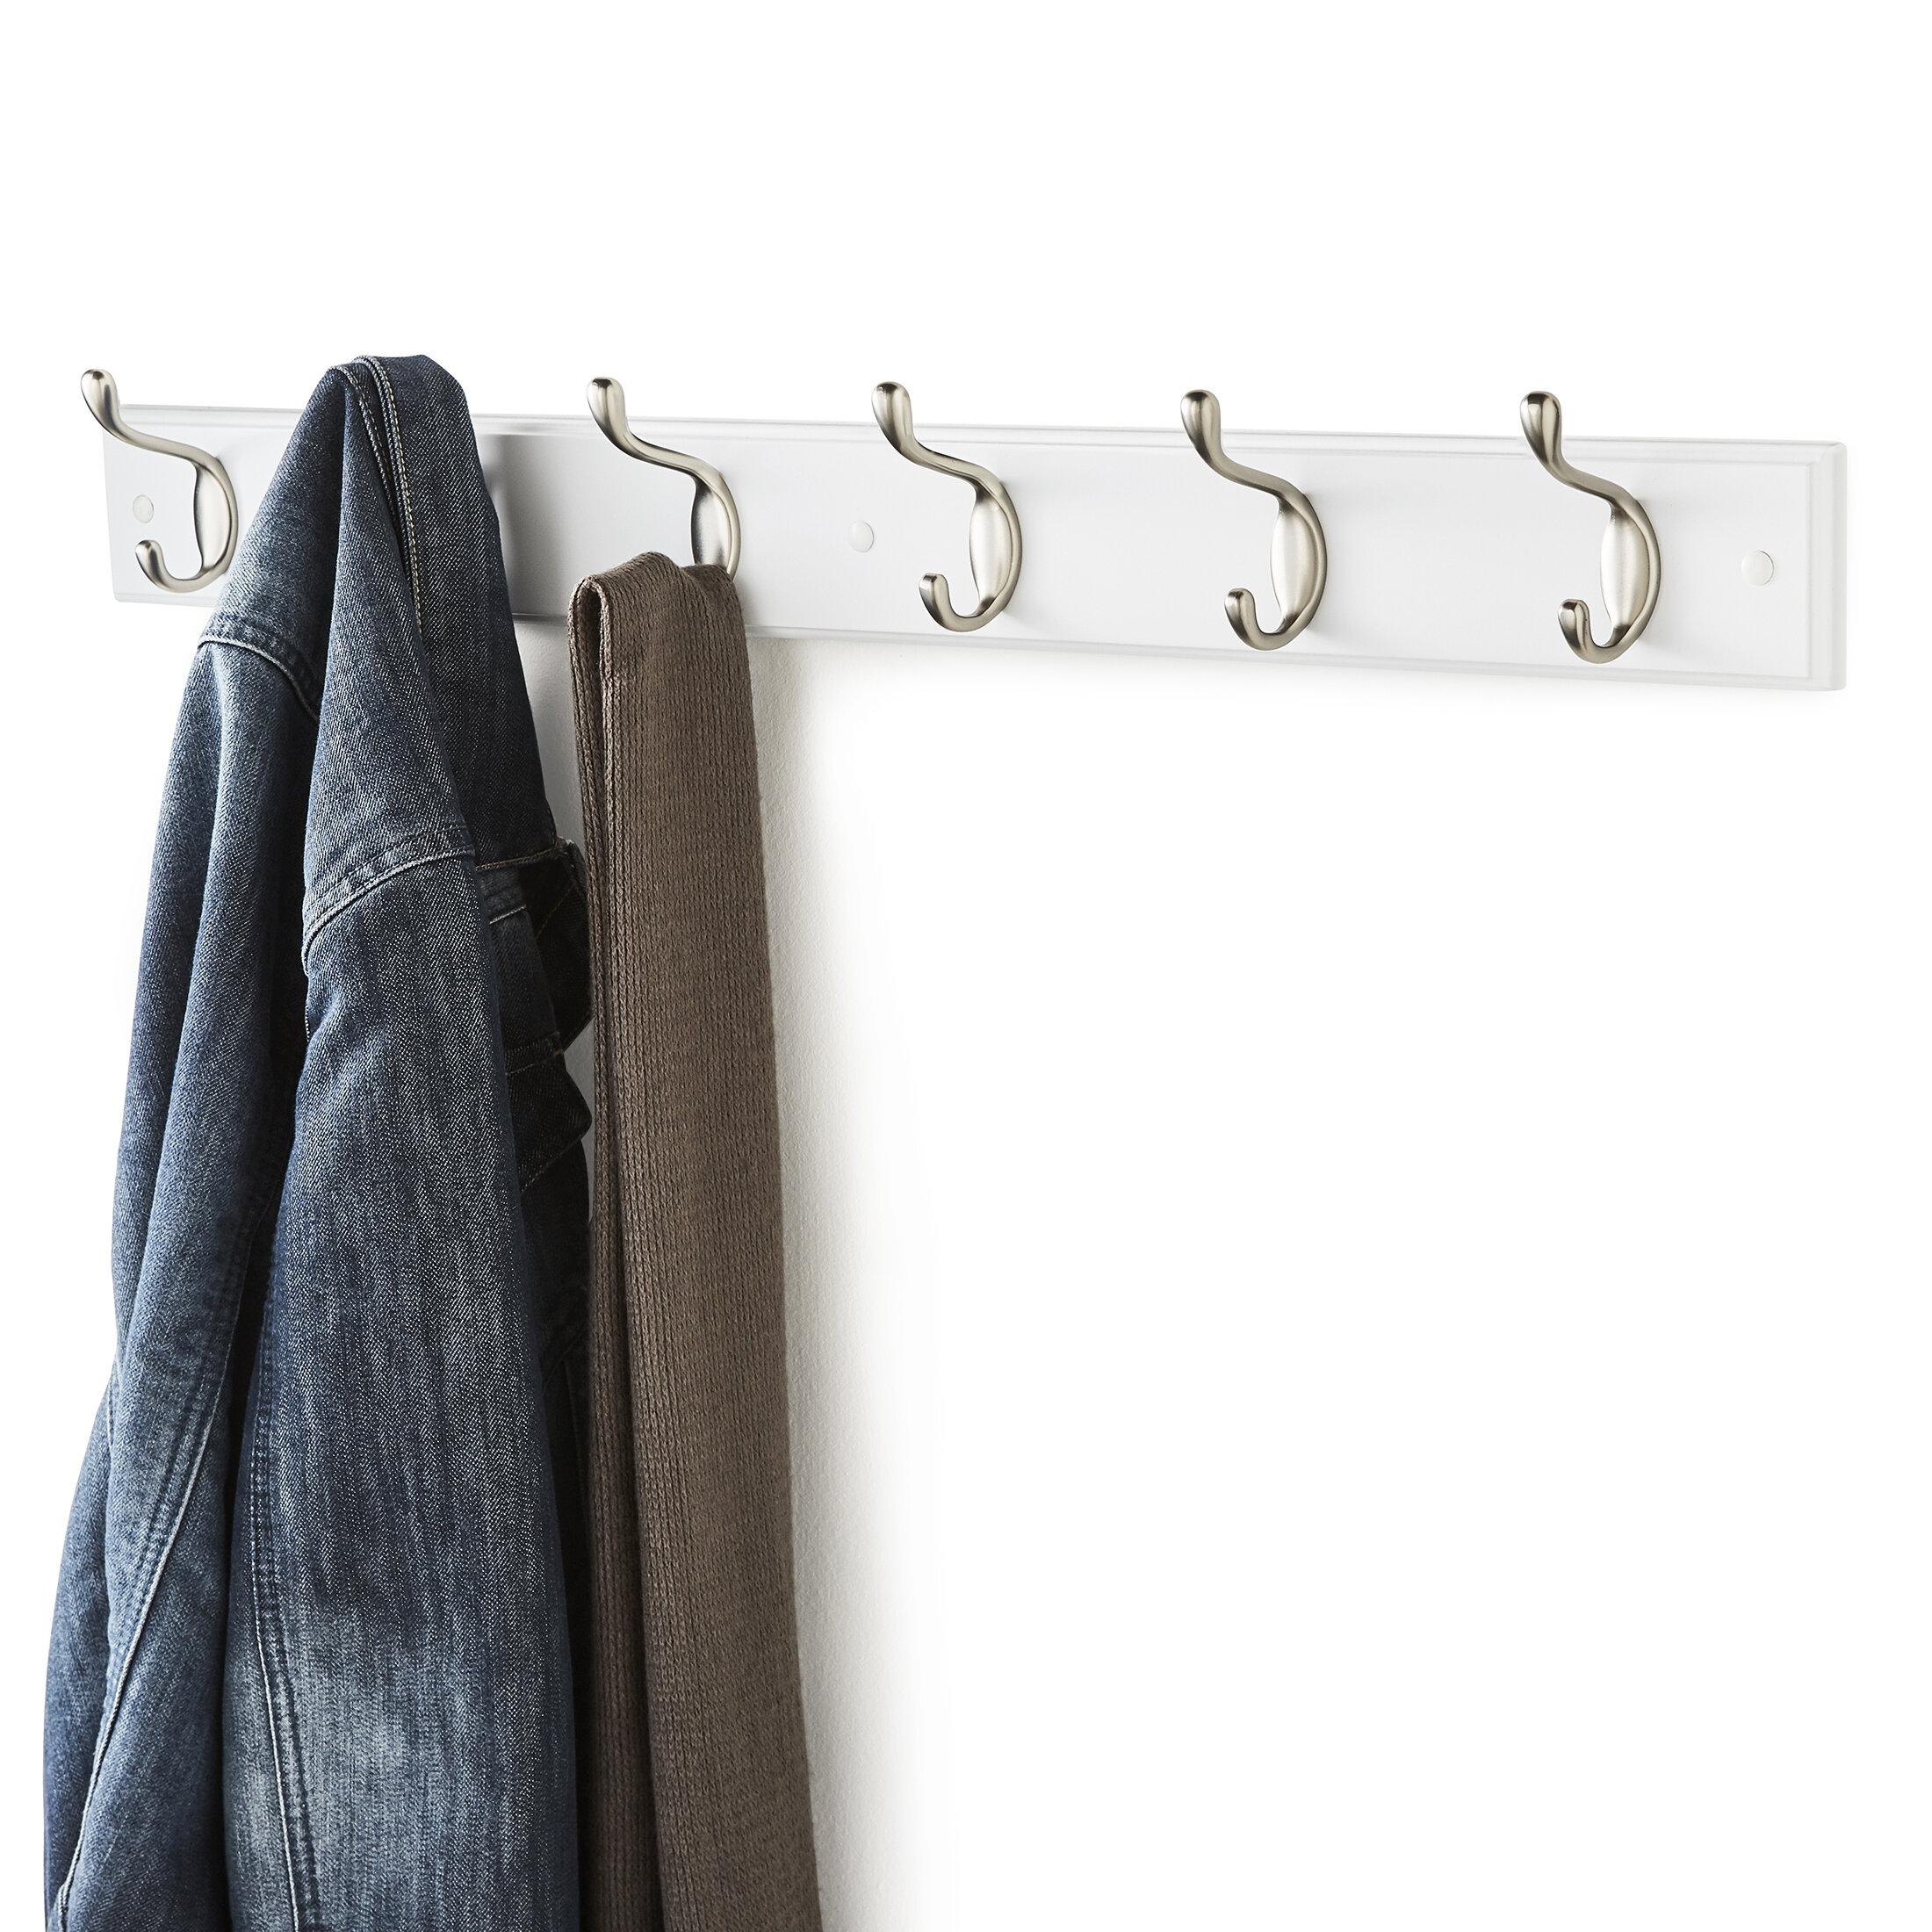 Sundown Wall Mounted Coat Rack With 6 Hooks